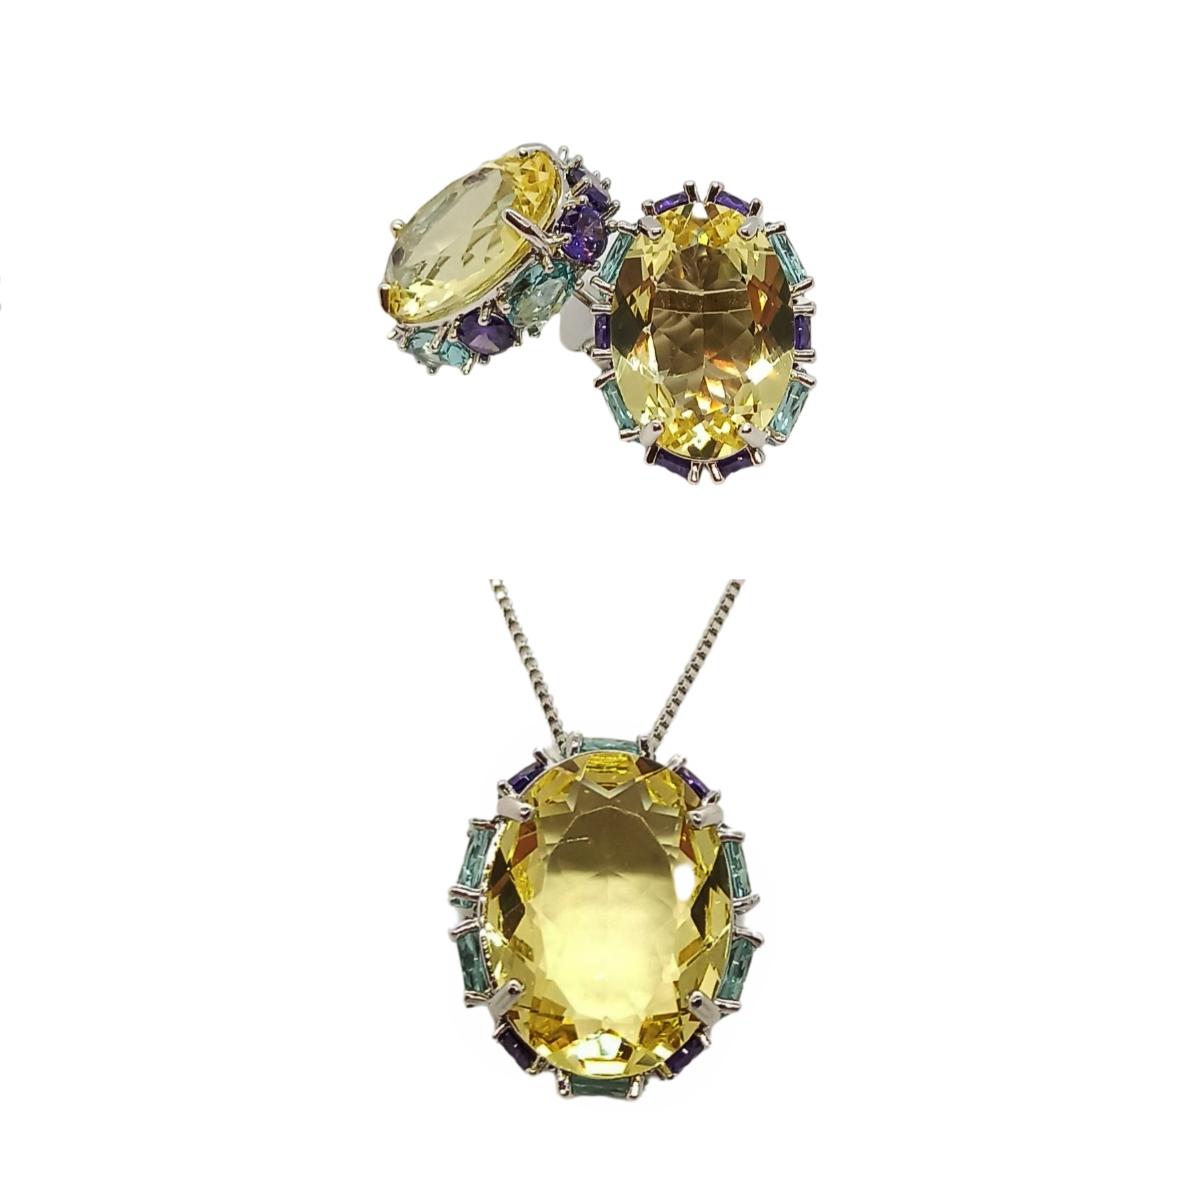 Conjunto Oval Cristal e Zircônia, Com Cravação nas Laterais, Folheado.